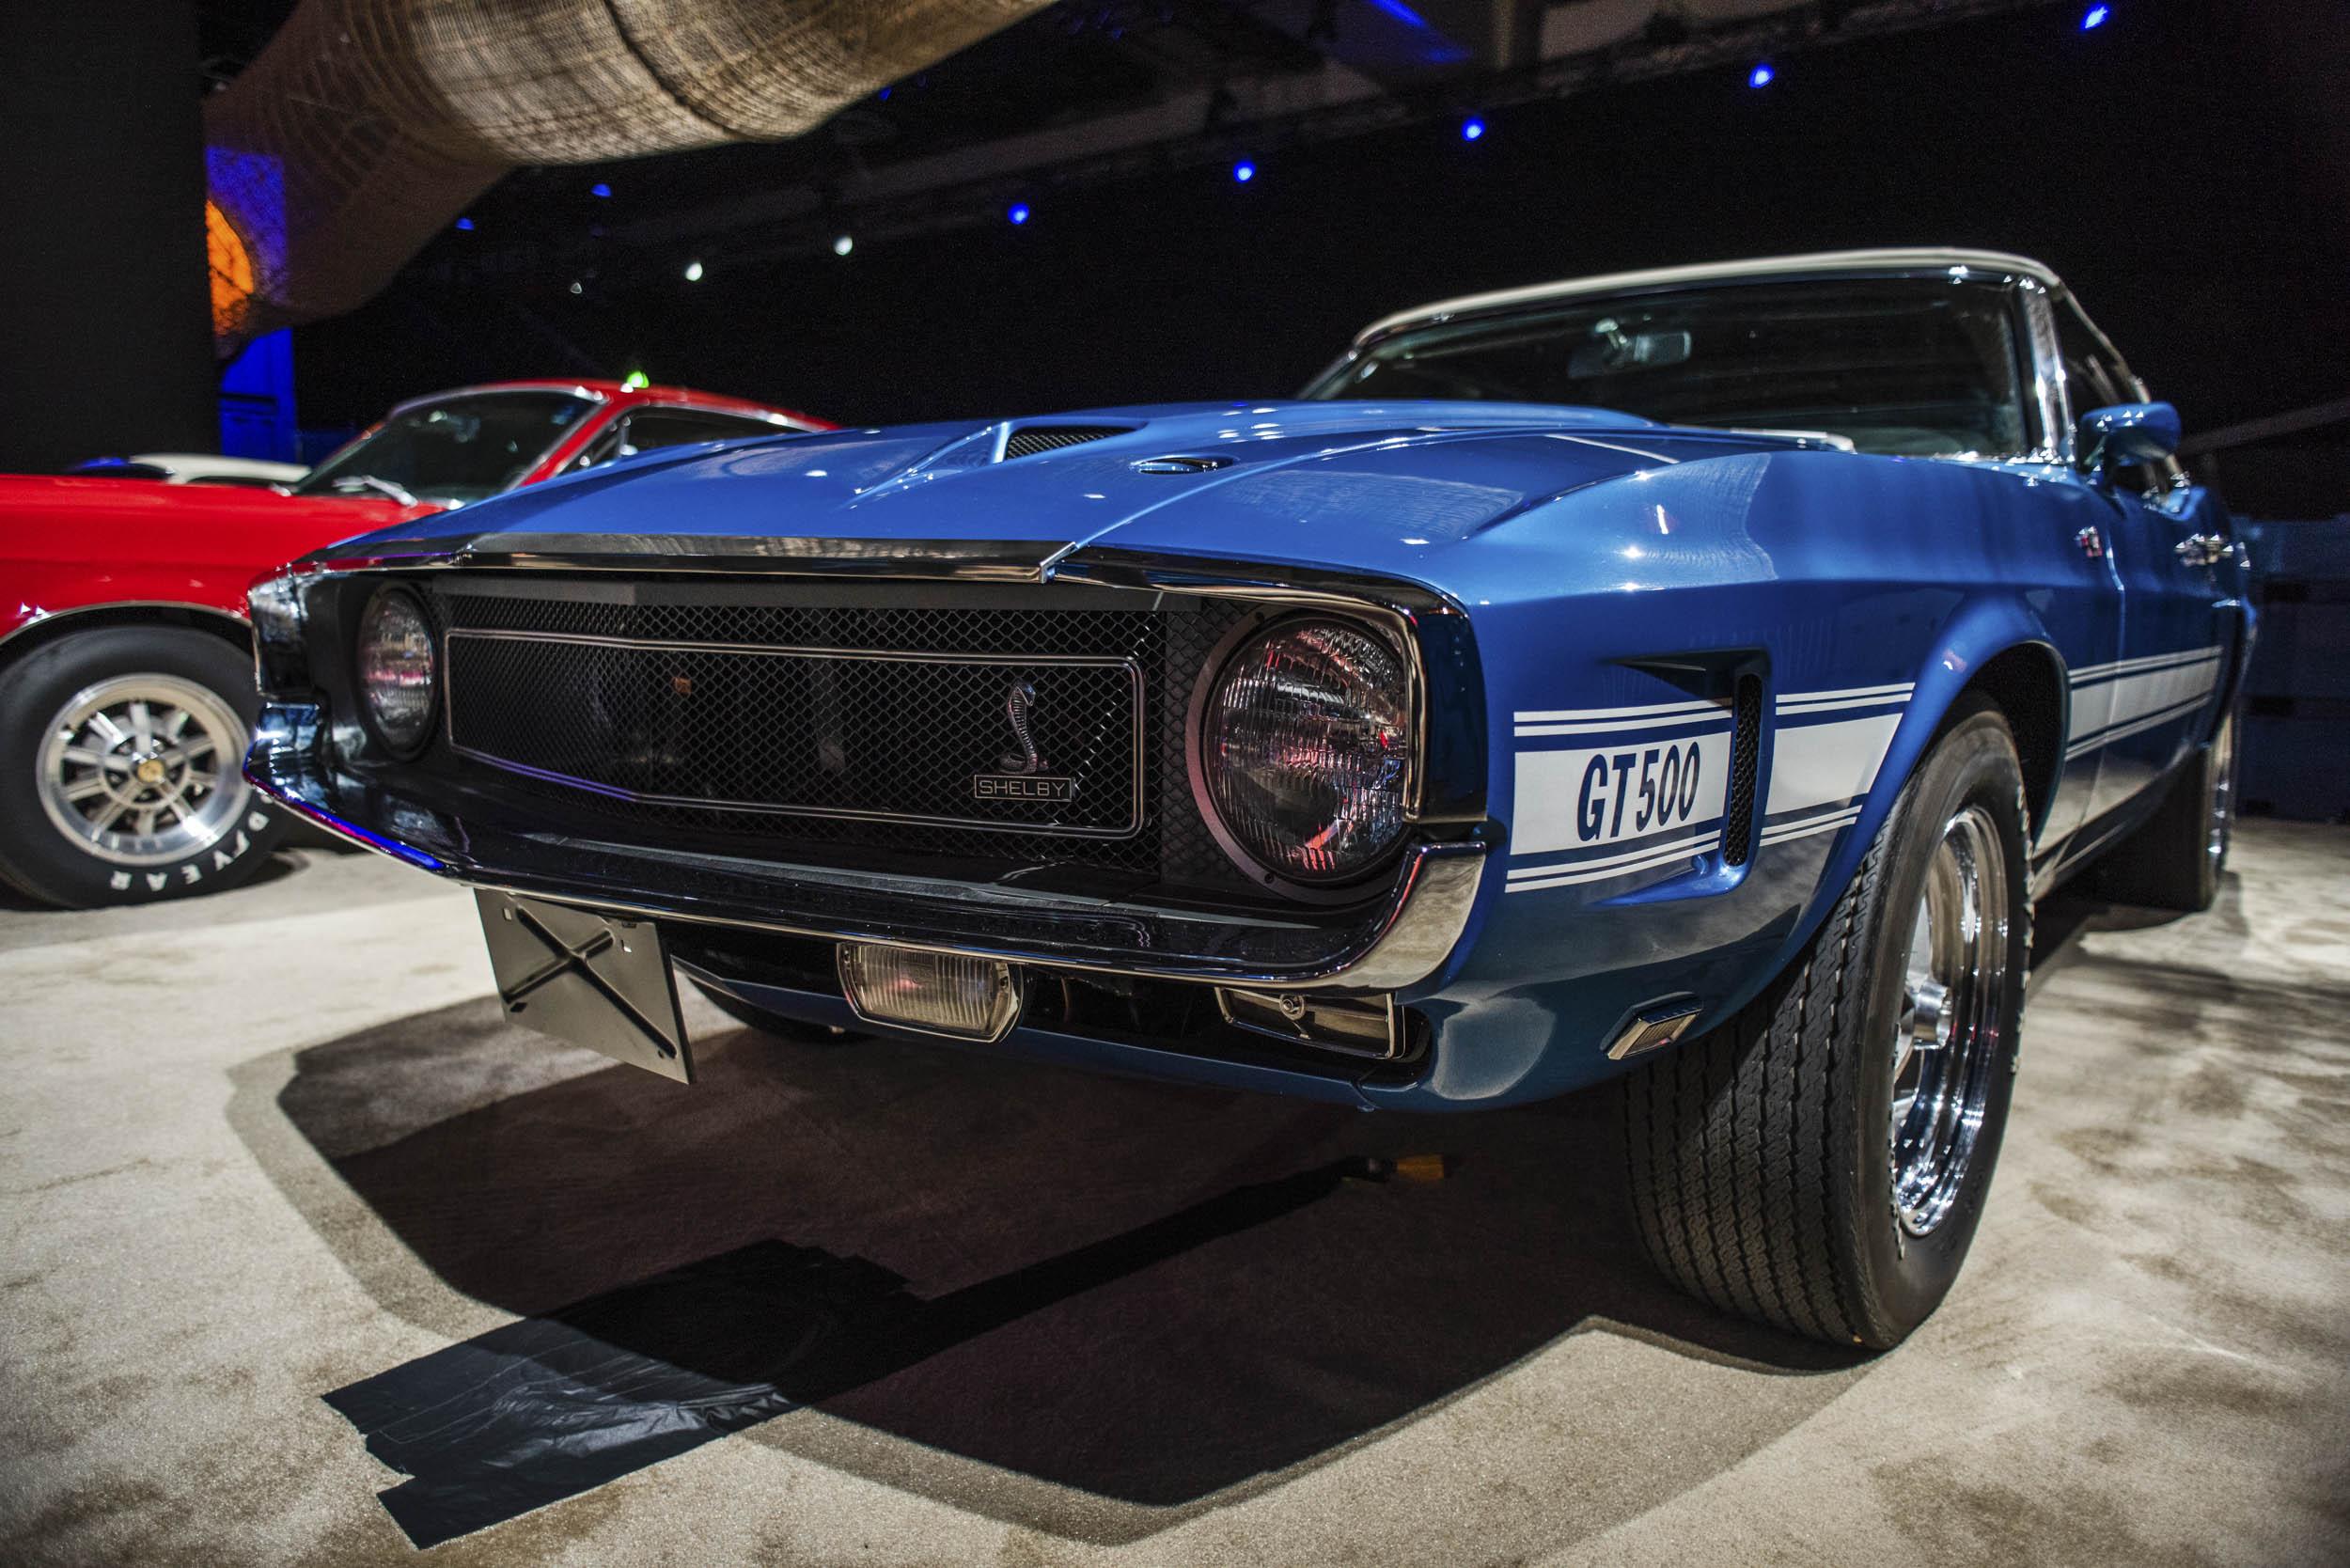 Blue Vintage GT500